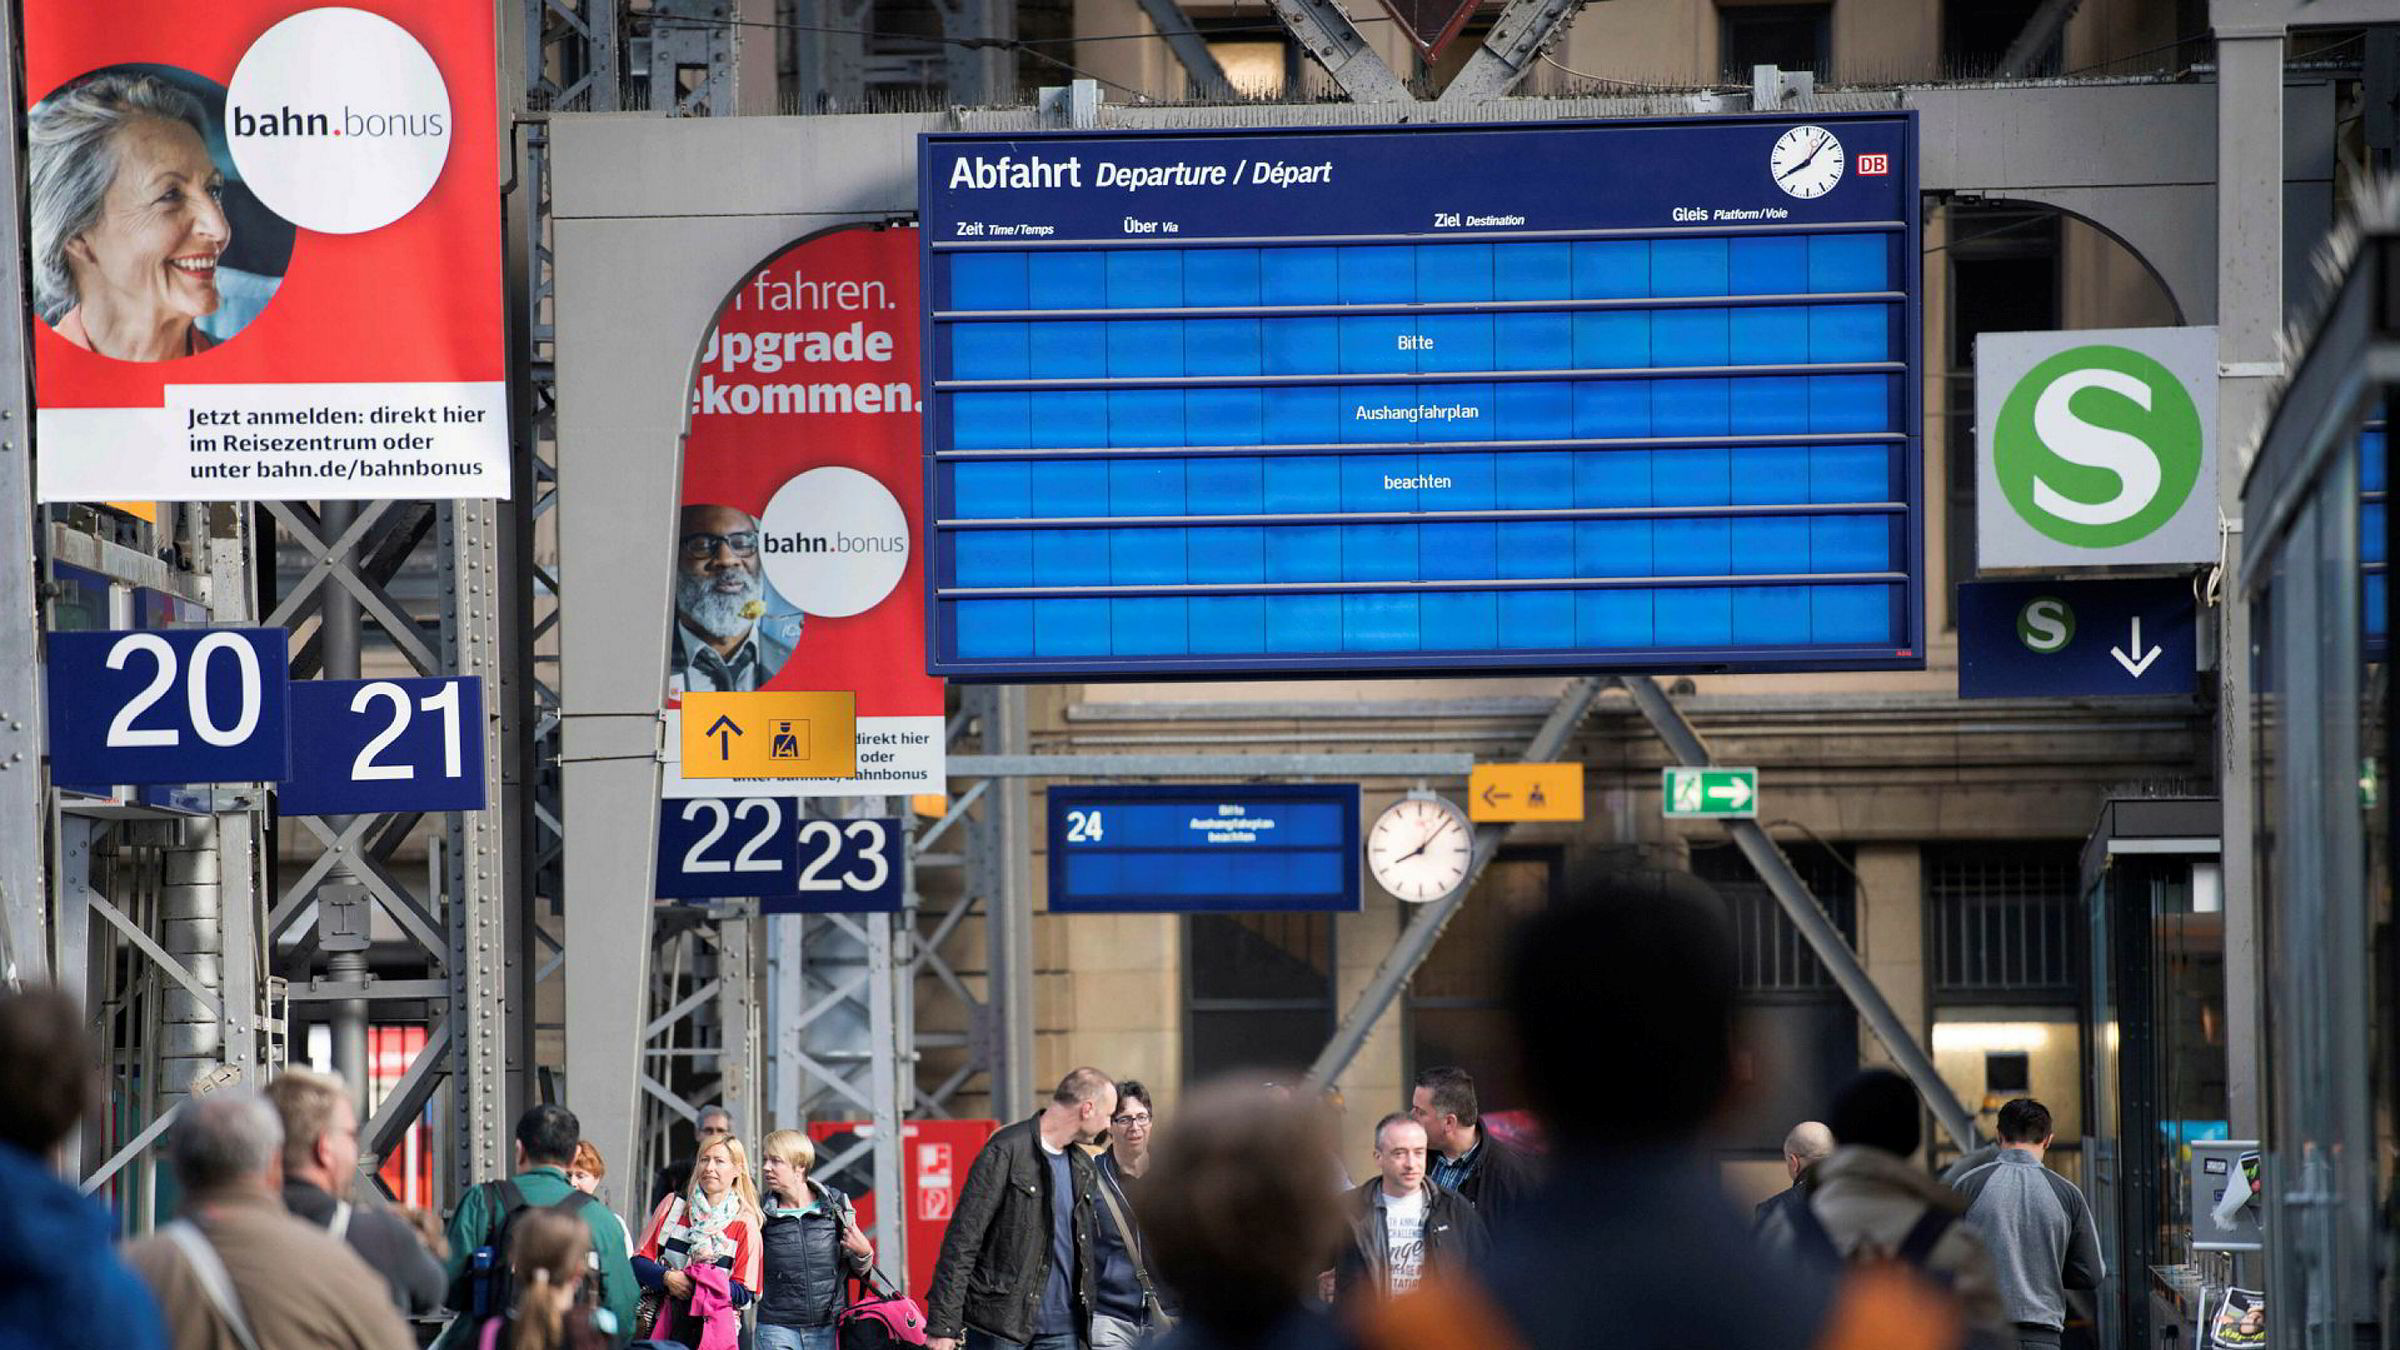 Hvis vi vil forhindre at lammende digitale angrep blir hverdagen fremover, må de grunnleggende problemene som skaper usikkerhet håndteres. Her fra sentralbanestasjonen i Frankfurt etter hackerangrepet sist uke, hvor den digitale skjermen henviser til en analog avgangstabell.